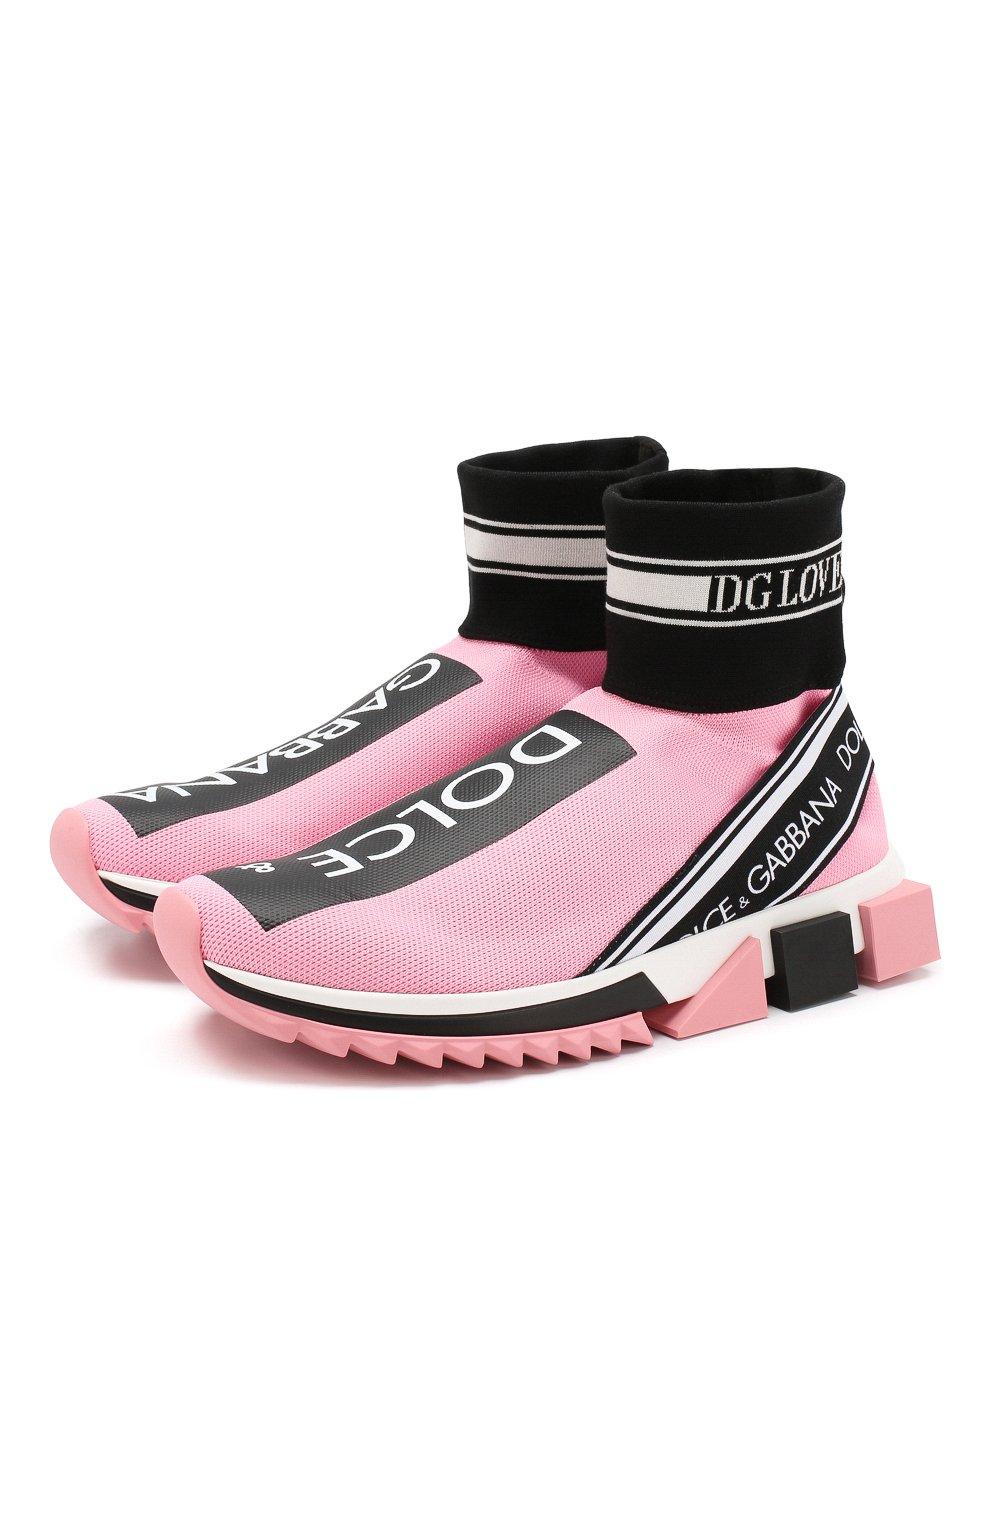 Текстильные кроссовки Sorrento Dolce & Gabbana розовые | Фото №1